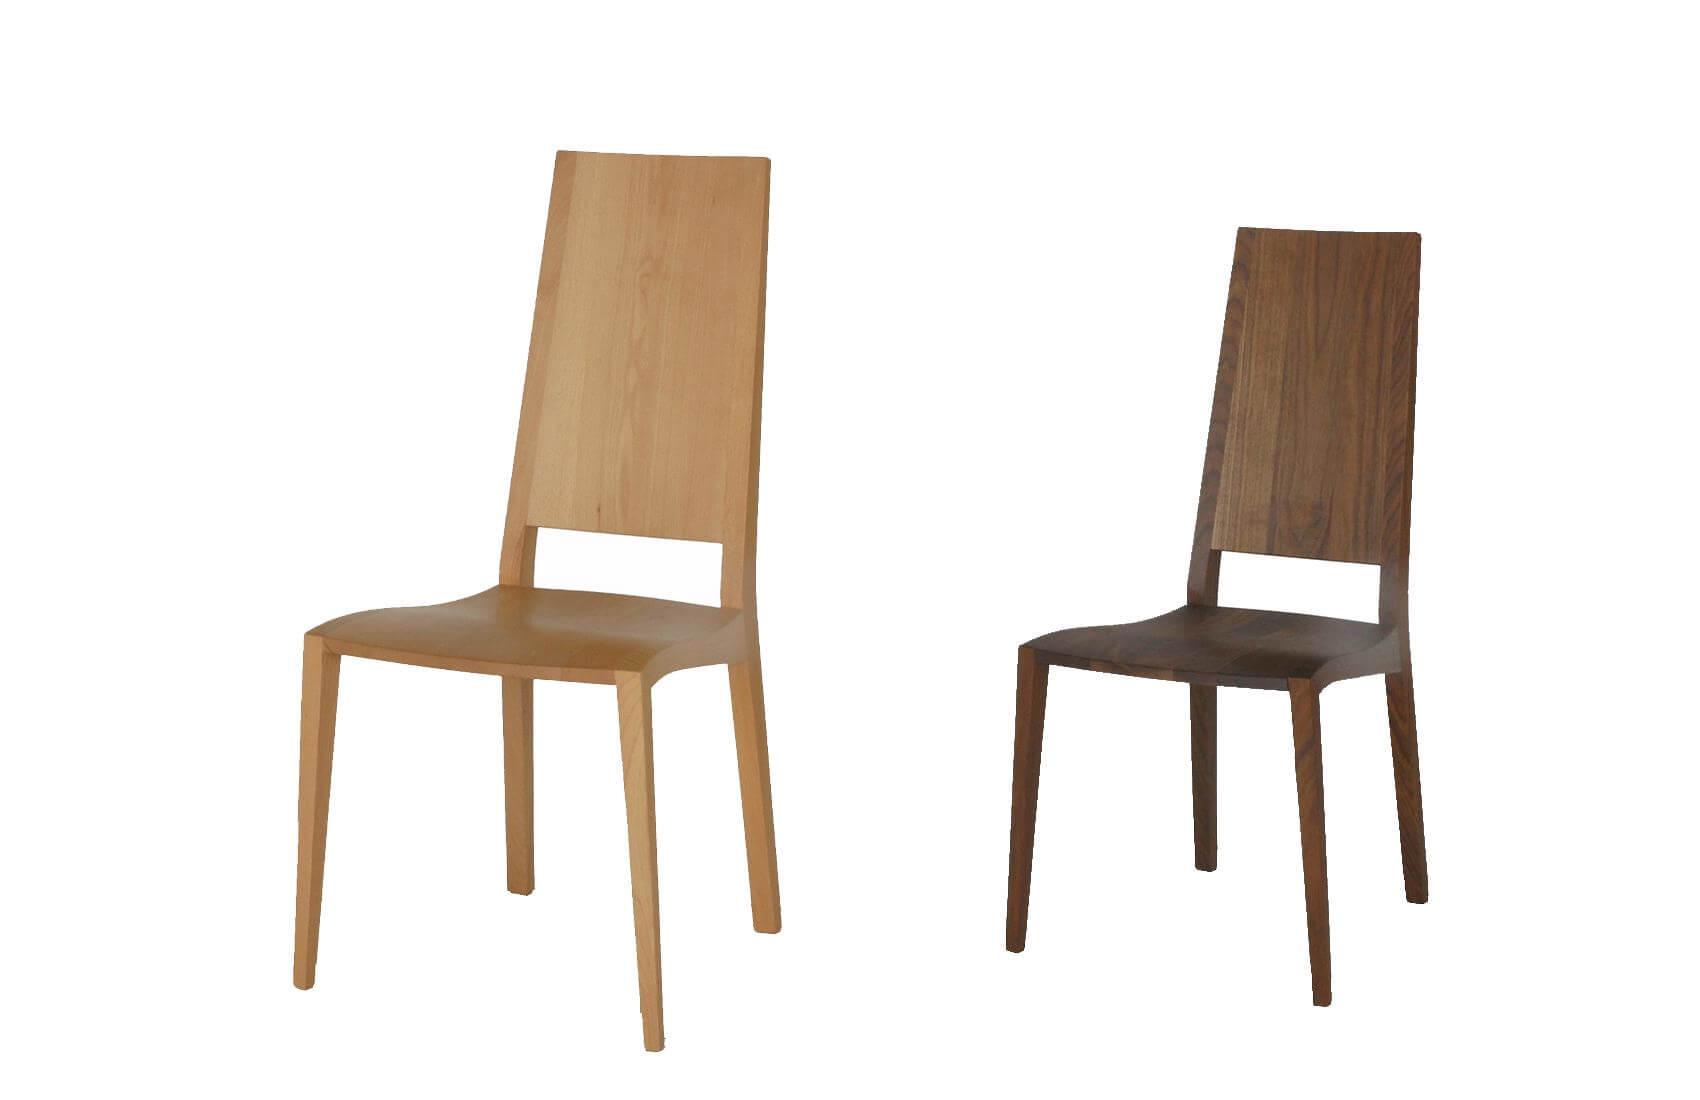 Beeindruckend Esstisch Stühle Mit Armlehne Beste Wahl Armlehnen Stühle Julia 5 In Buche Und